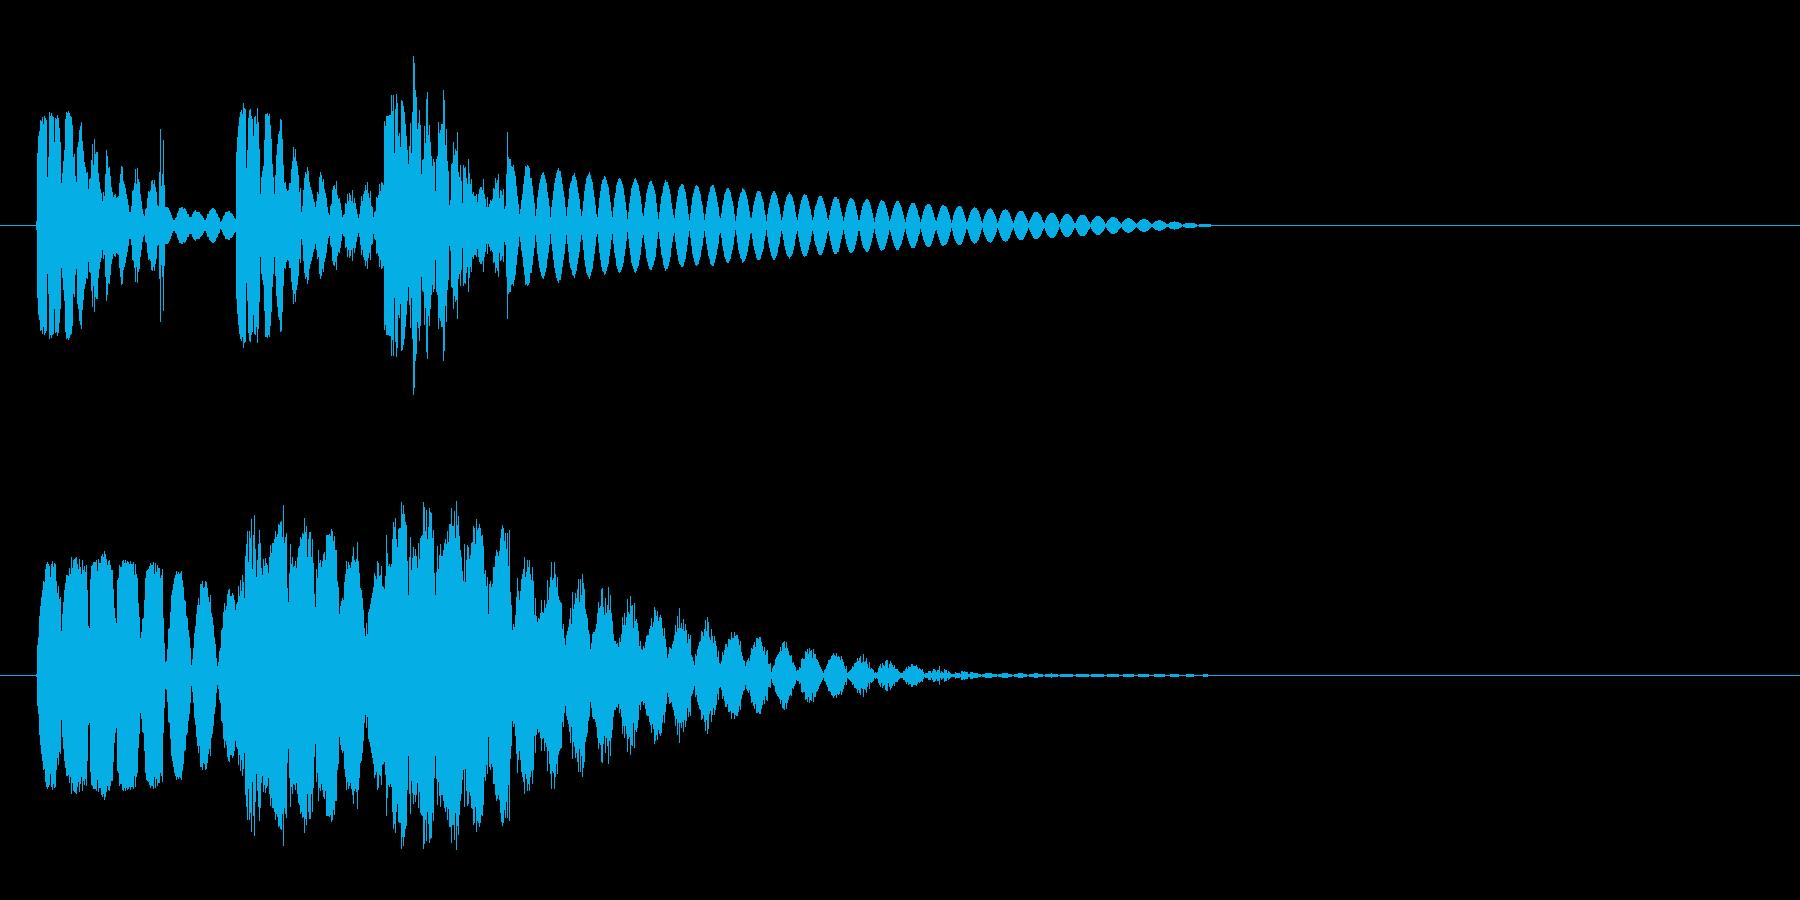 ビュビュビュン 射撃音2 ゲームなどの再生済みの波形